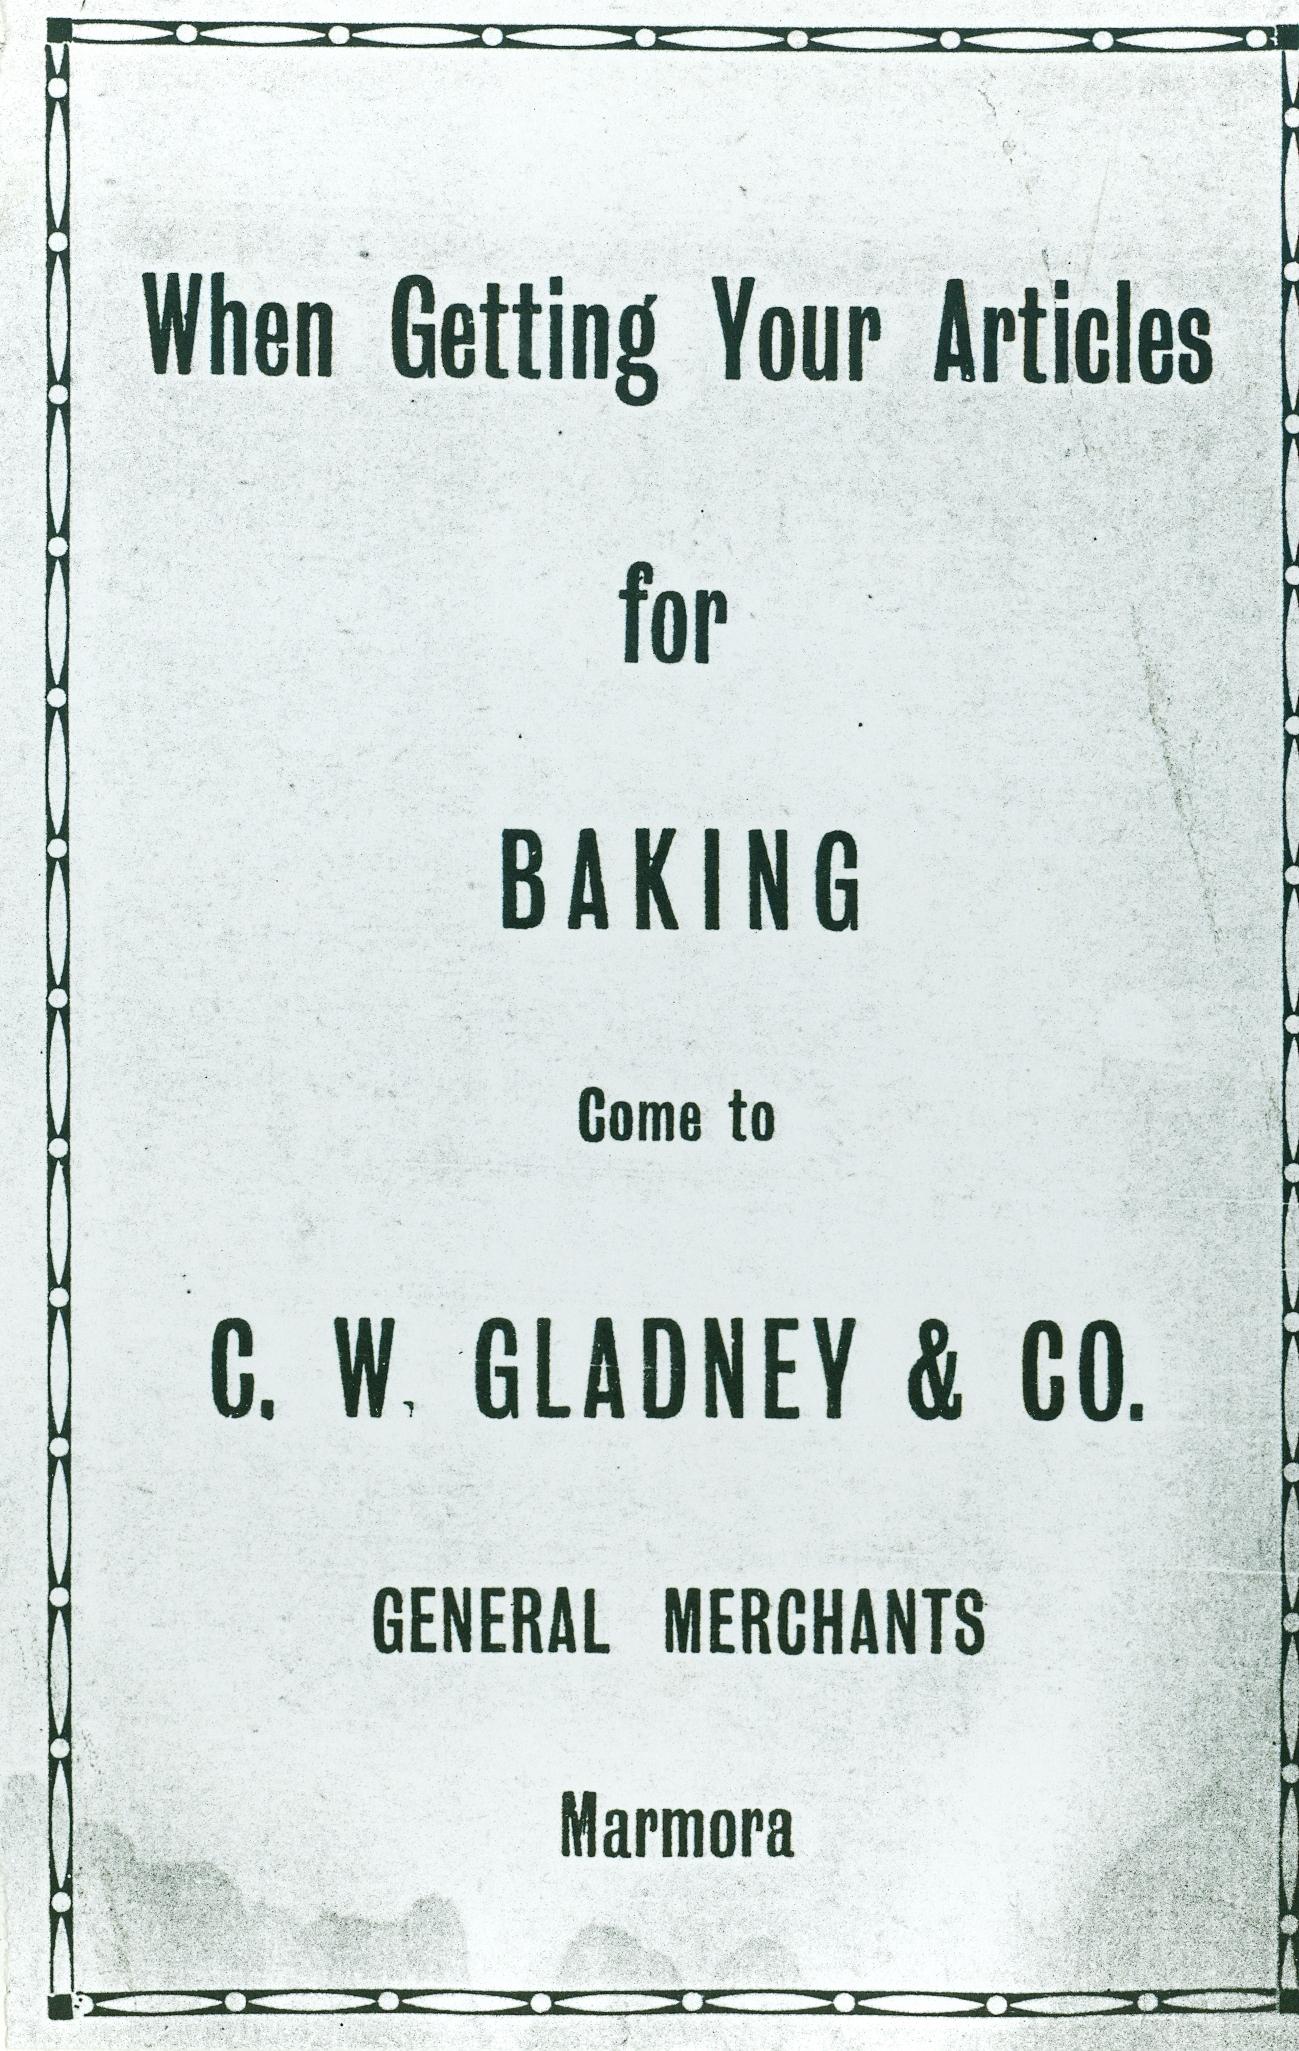 C.W. Gladney & Co., General Merchants.jpg